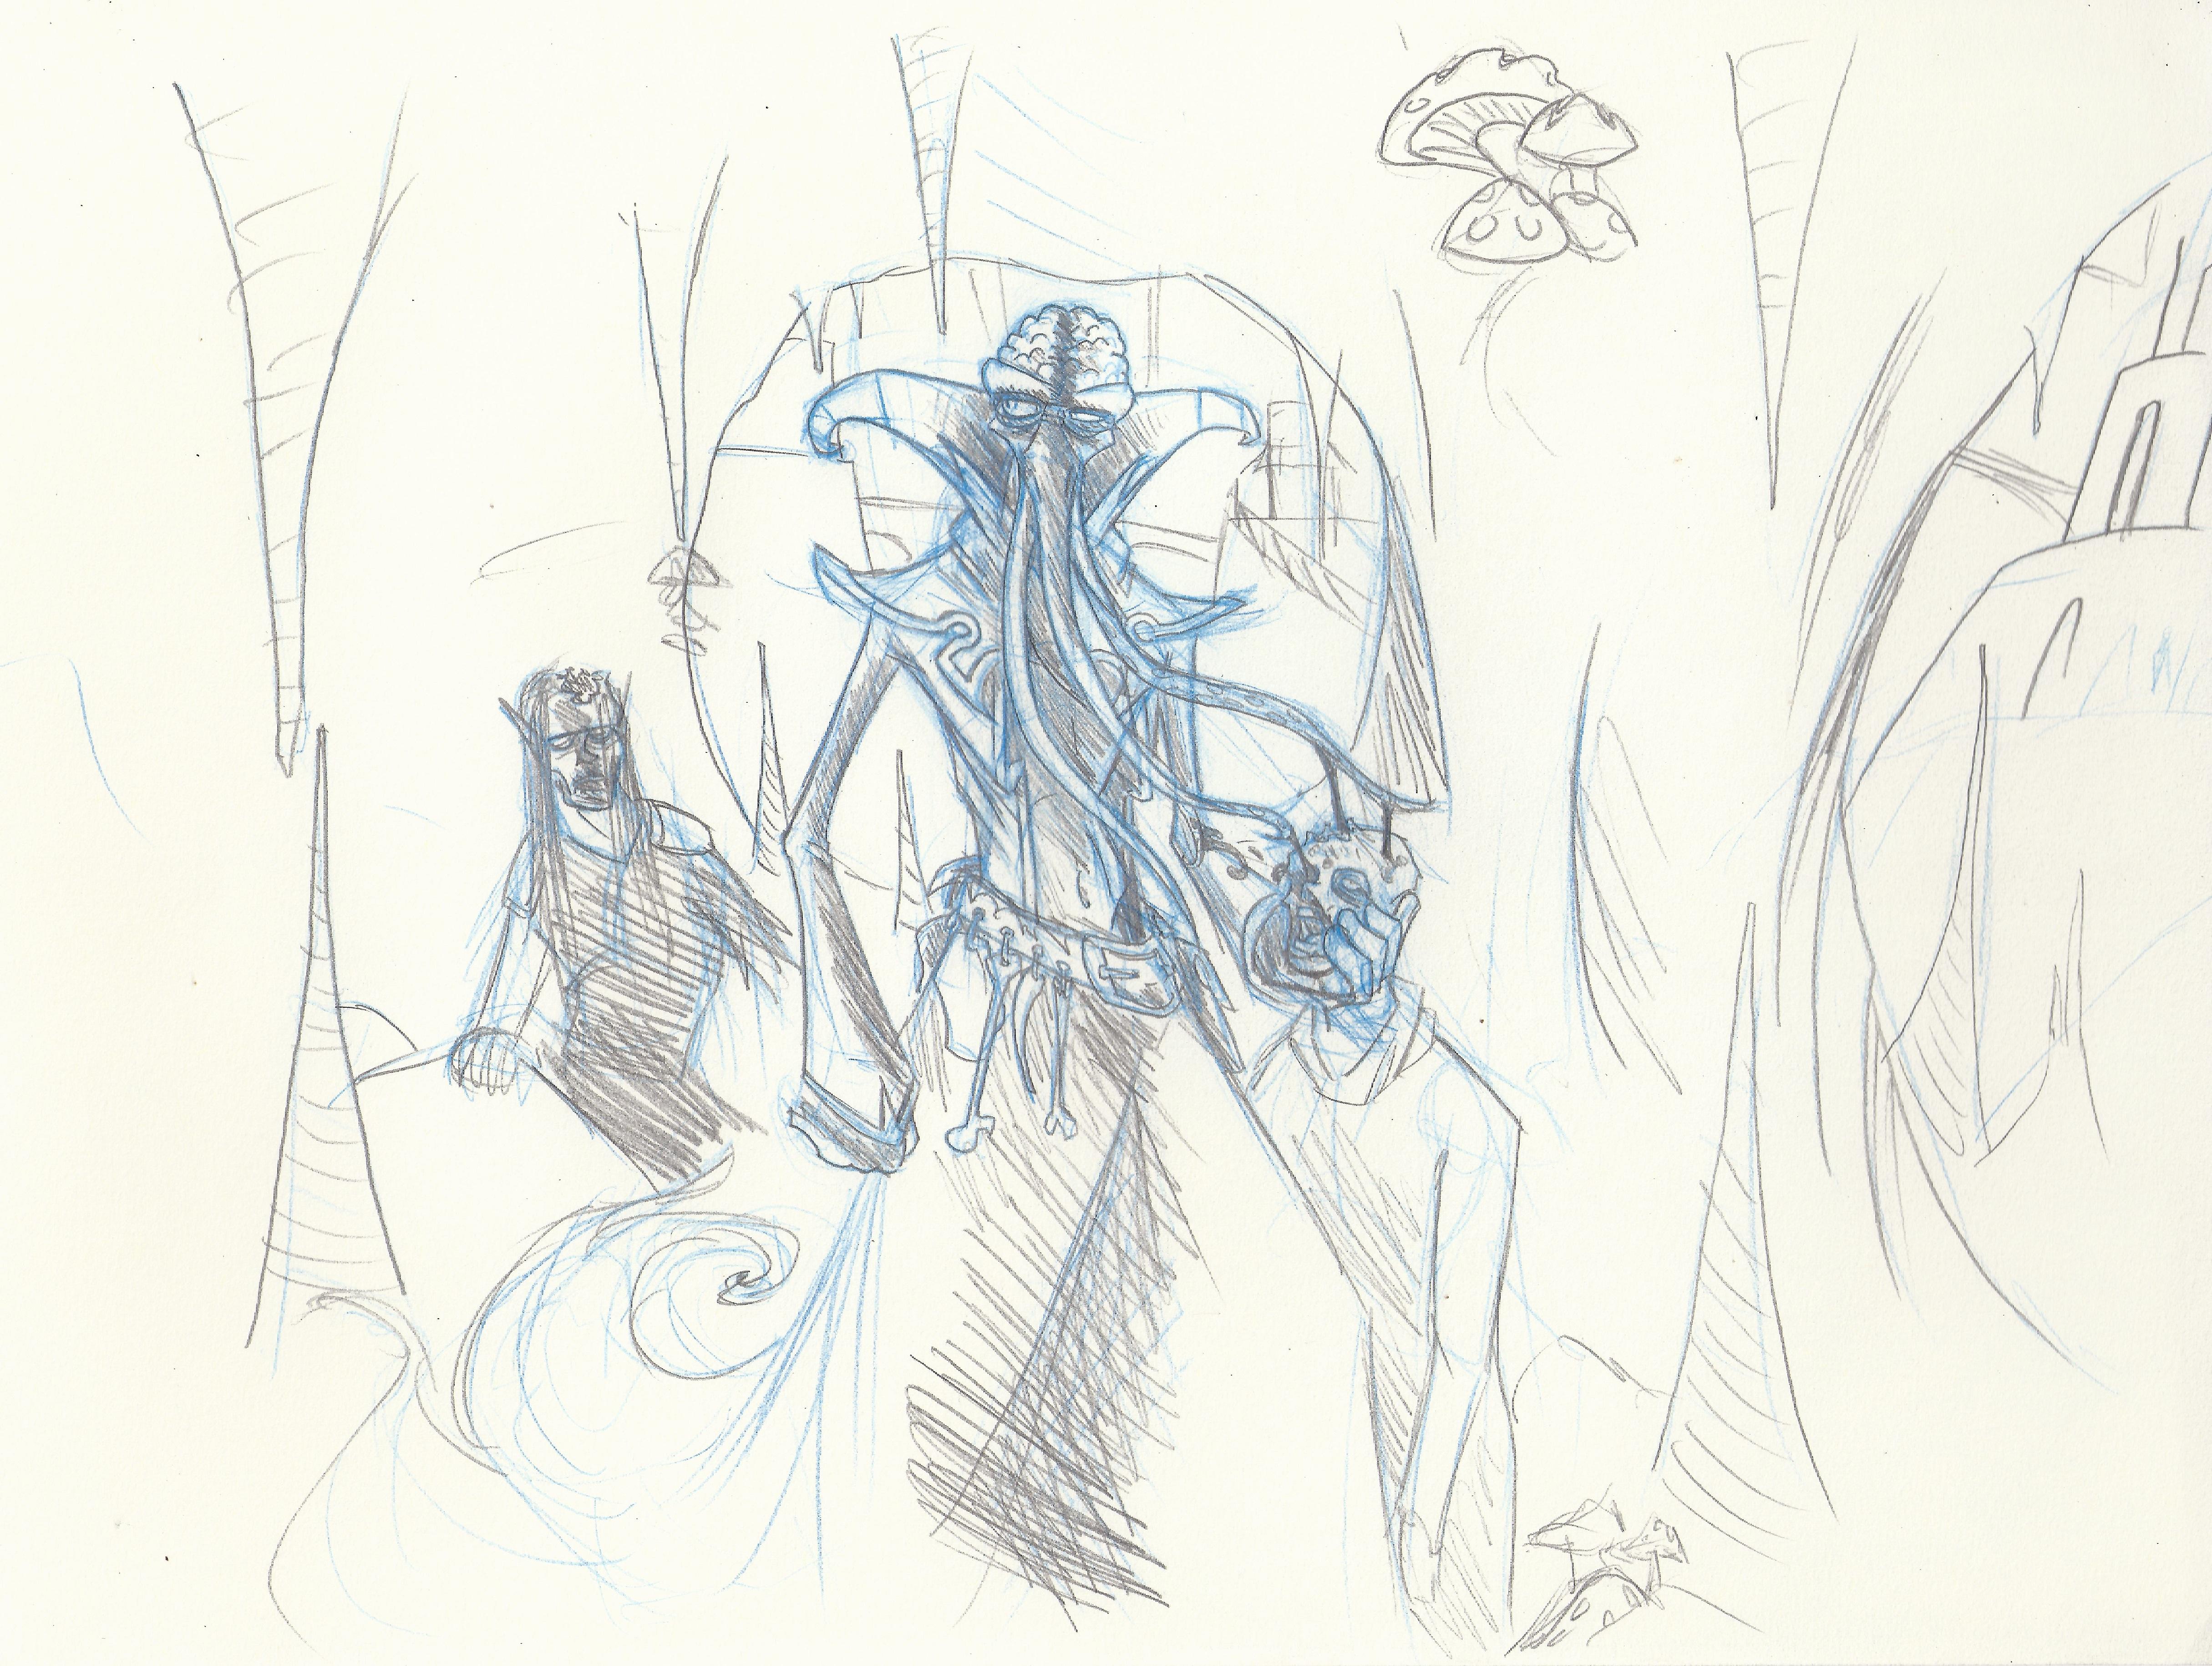 Mindflayer sketch 2